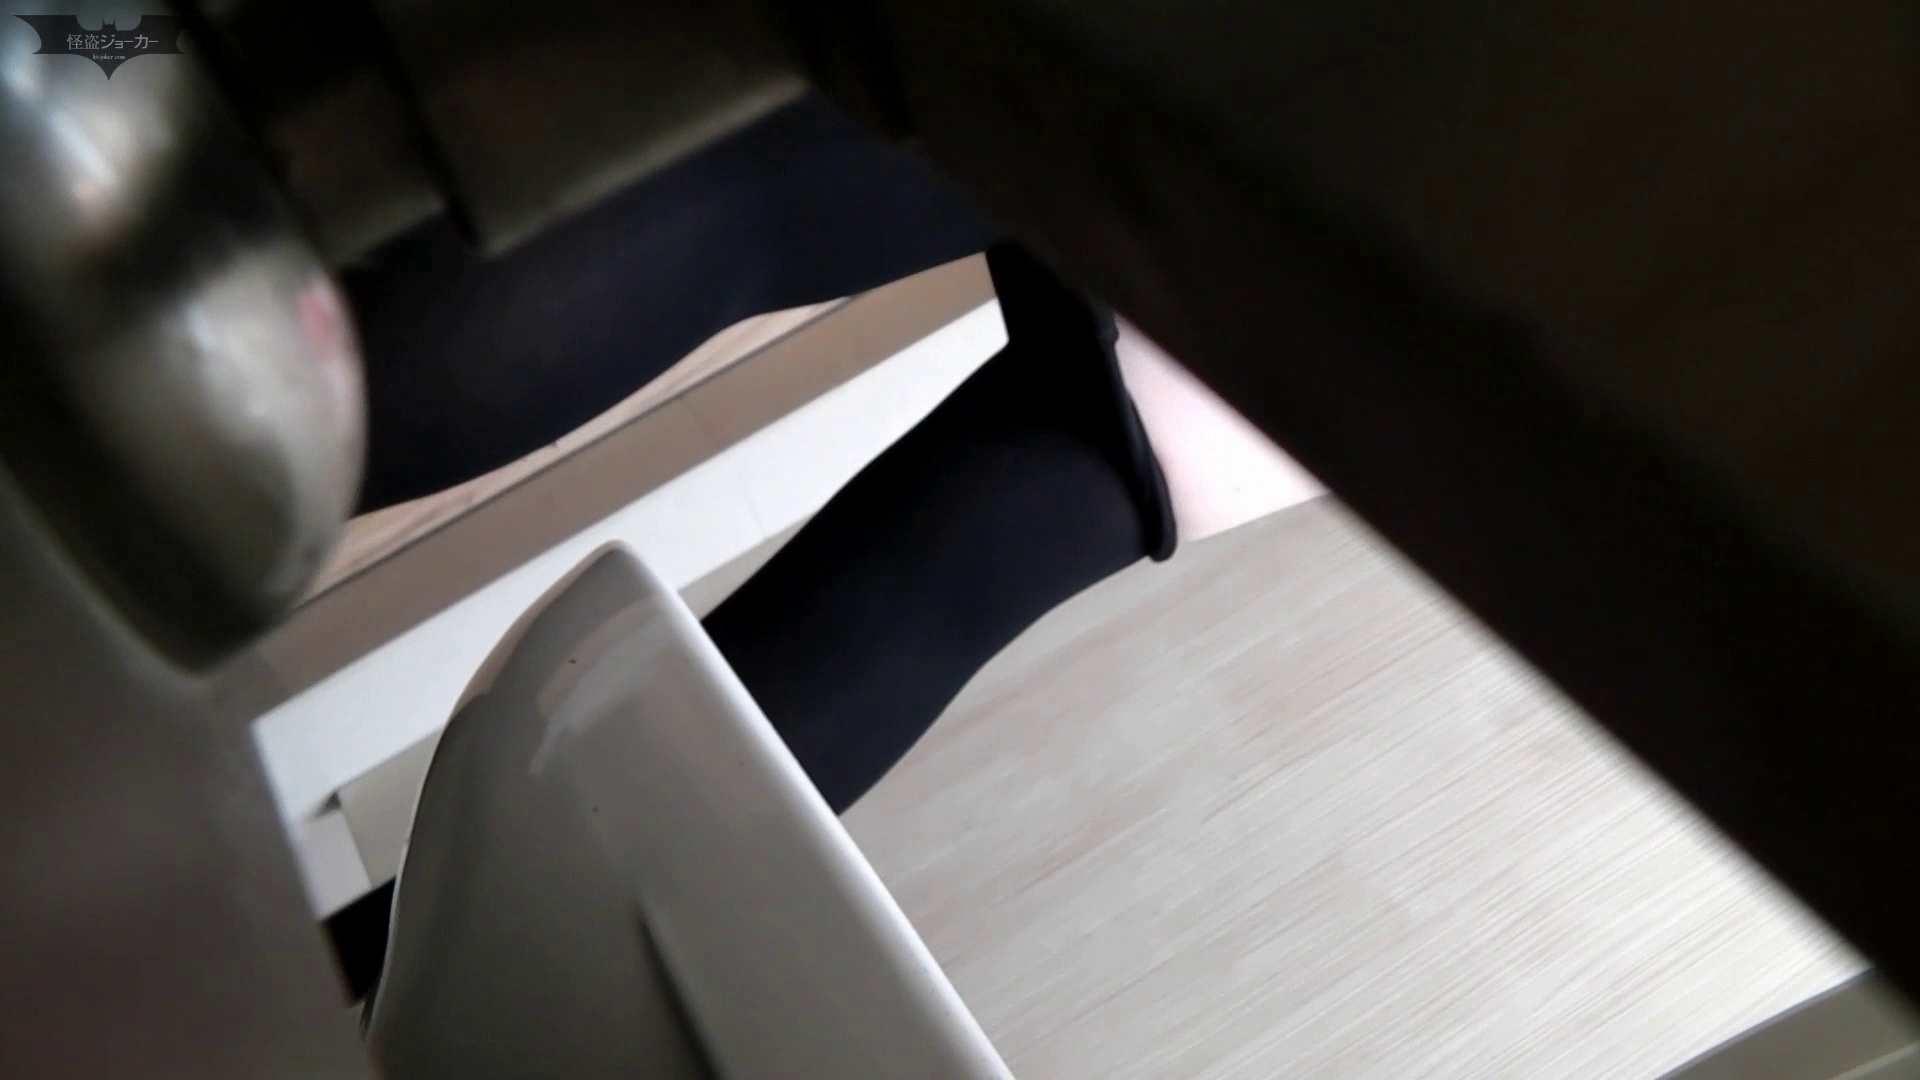 阿国ちゃんの和式洋式七変化 Vol.27 シリーズ最高作誕生 盛合せ スケベ動画紹介 48画像 9